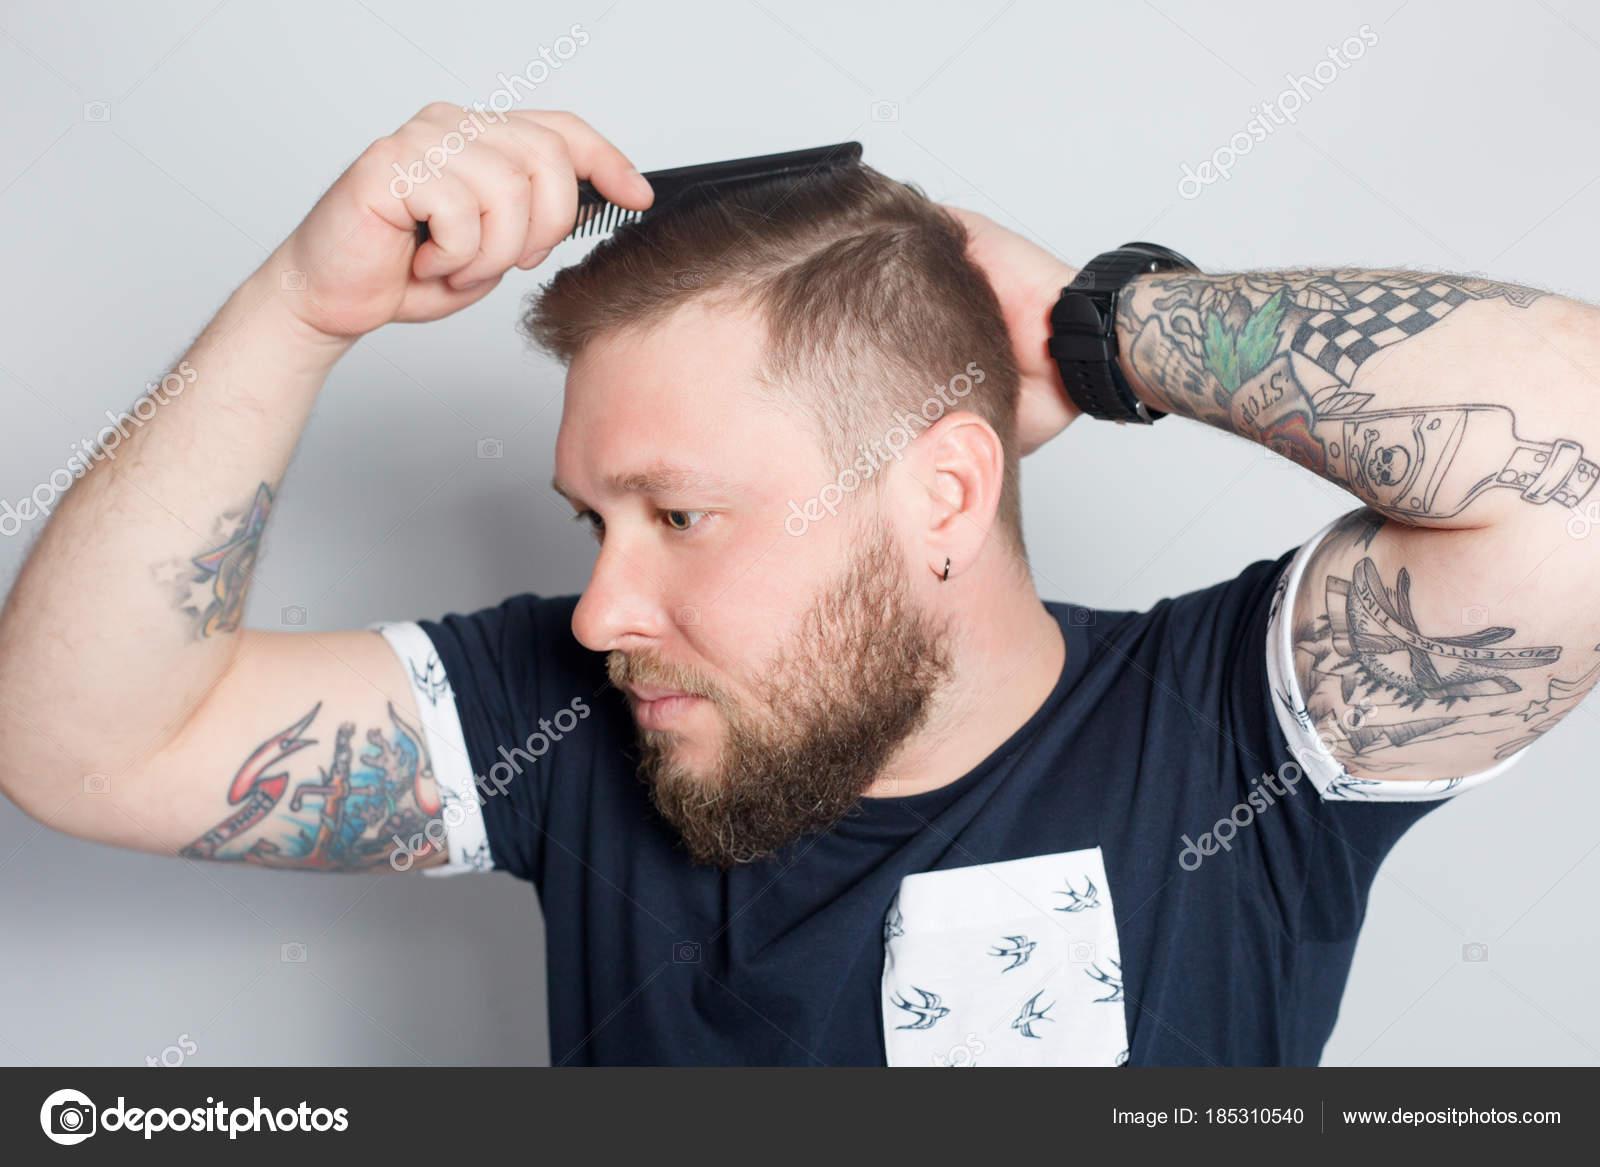 Chico barba brutal con tatuaje — Foto de stock © Whiteshoes911 ... 9c5ef0f10d4